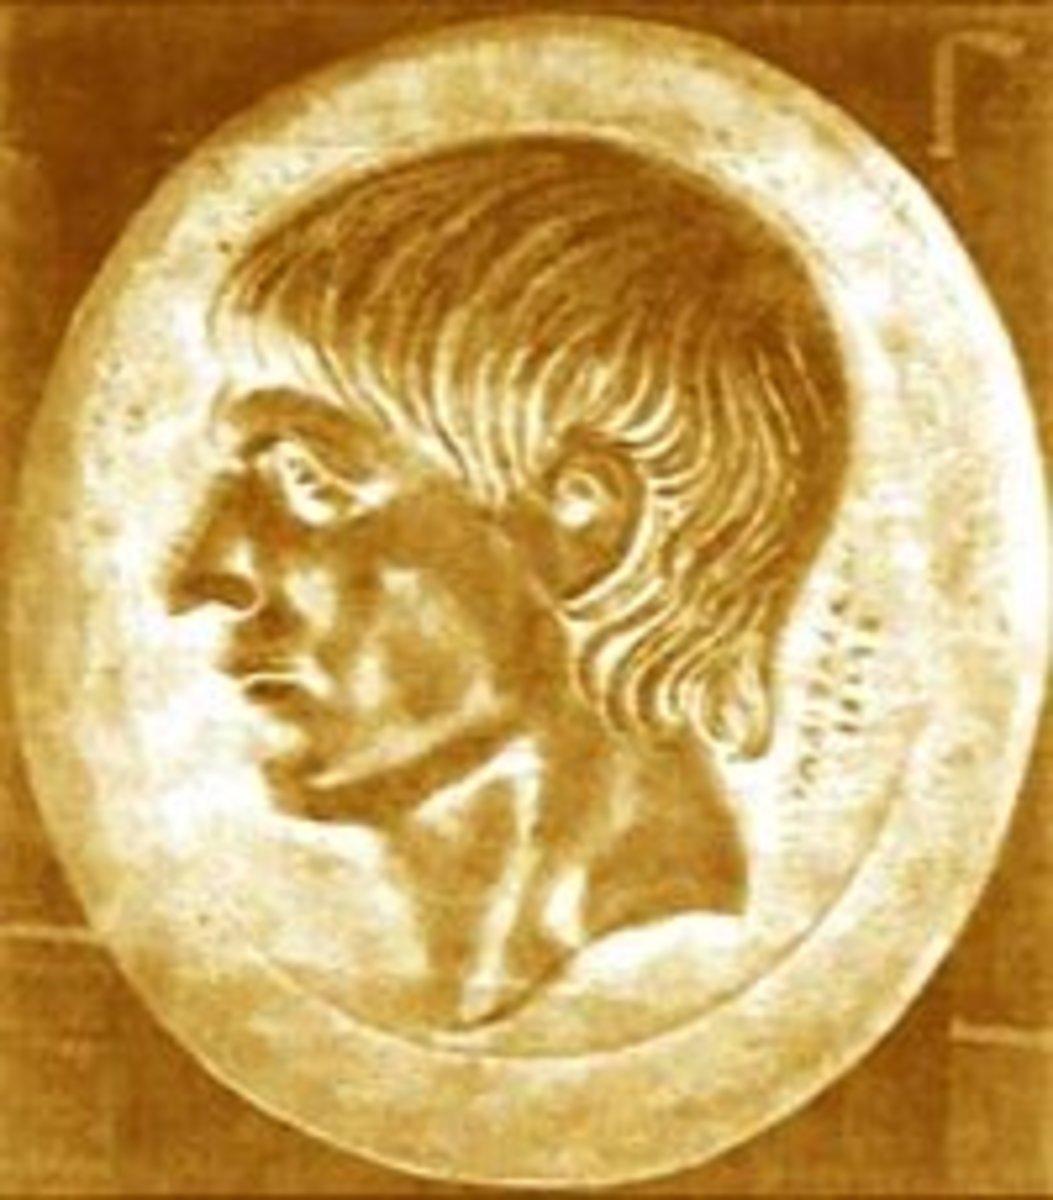 Young Scipio on a coin